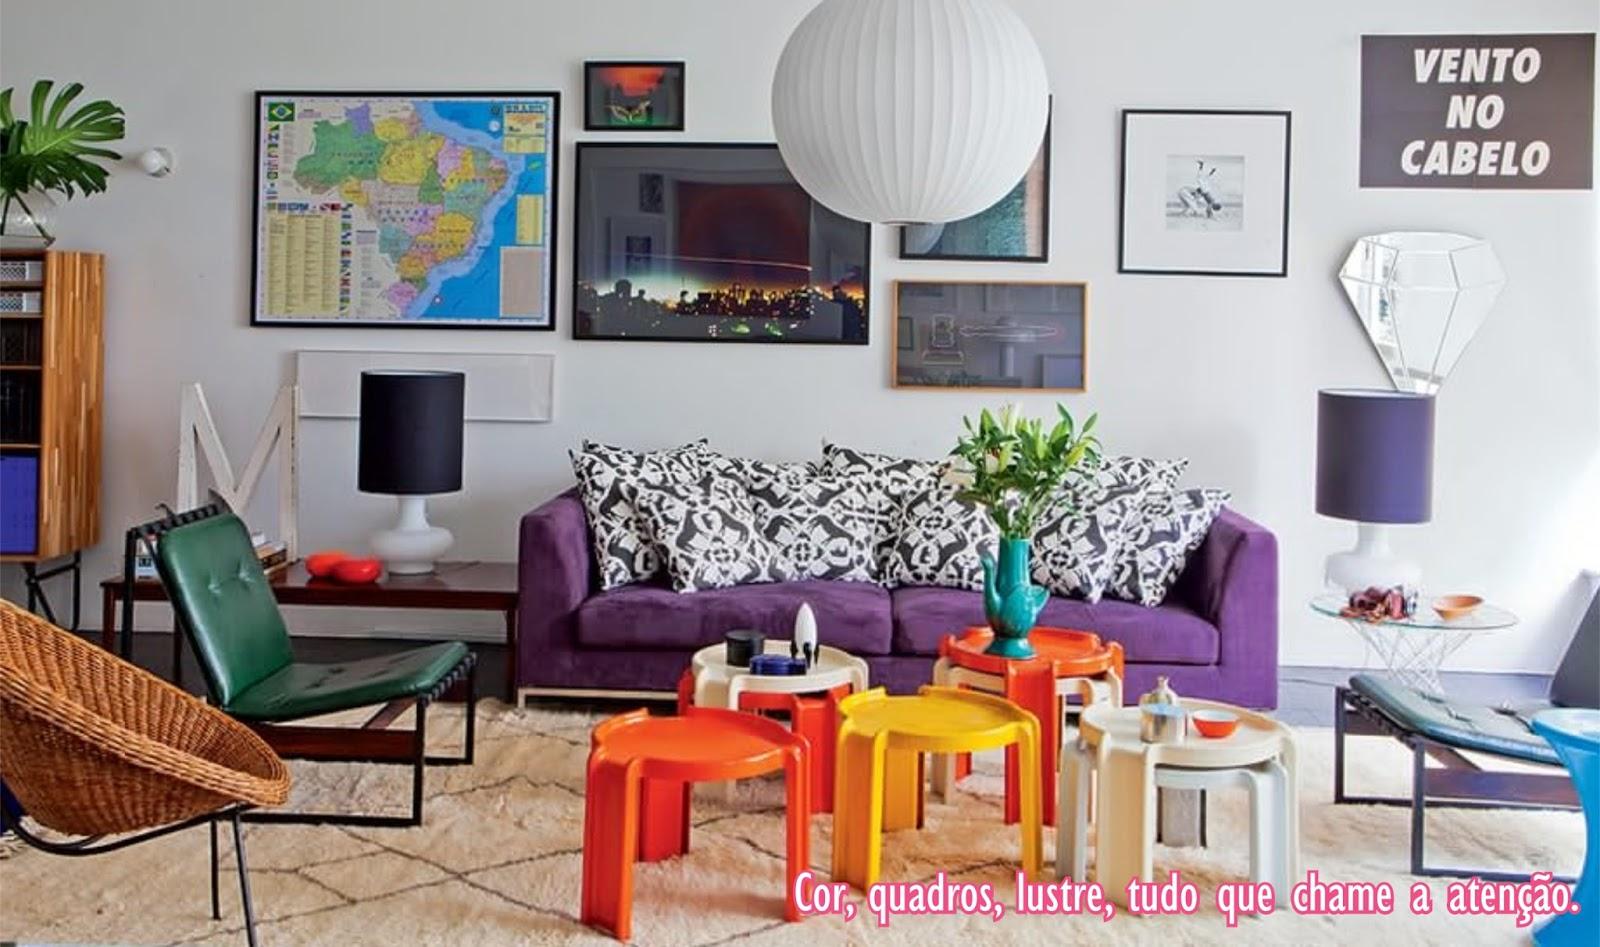 #AF2A1C dicas para uma decoração nada básica Vida Louca de Casada  1600x947 píxeis em Como Decorar Uma Sala Pequena De Forma Barata